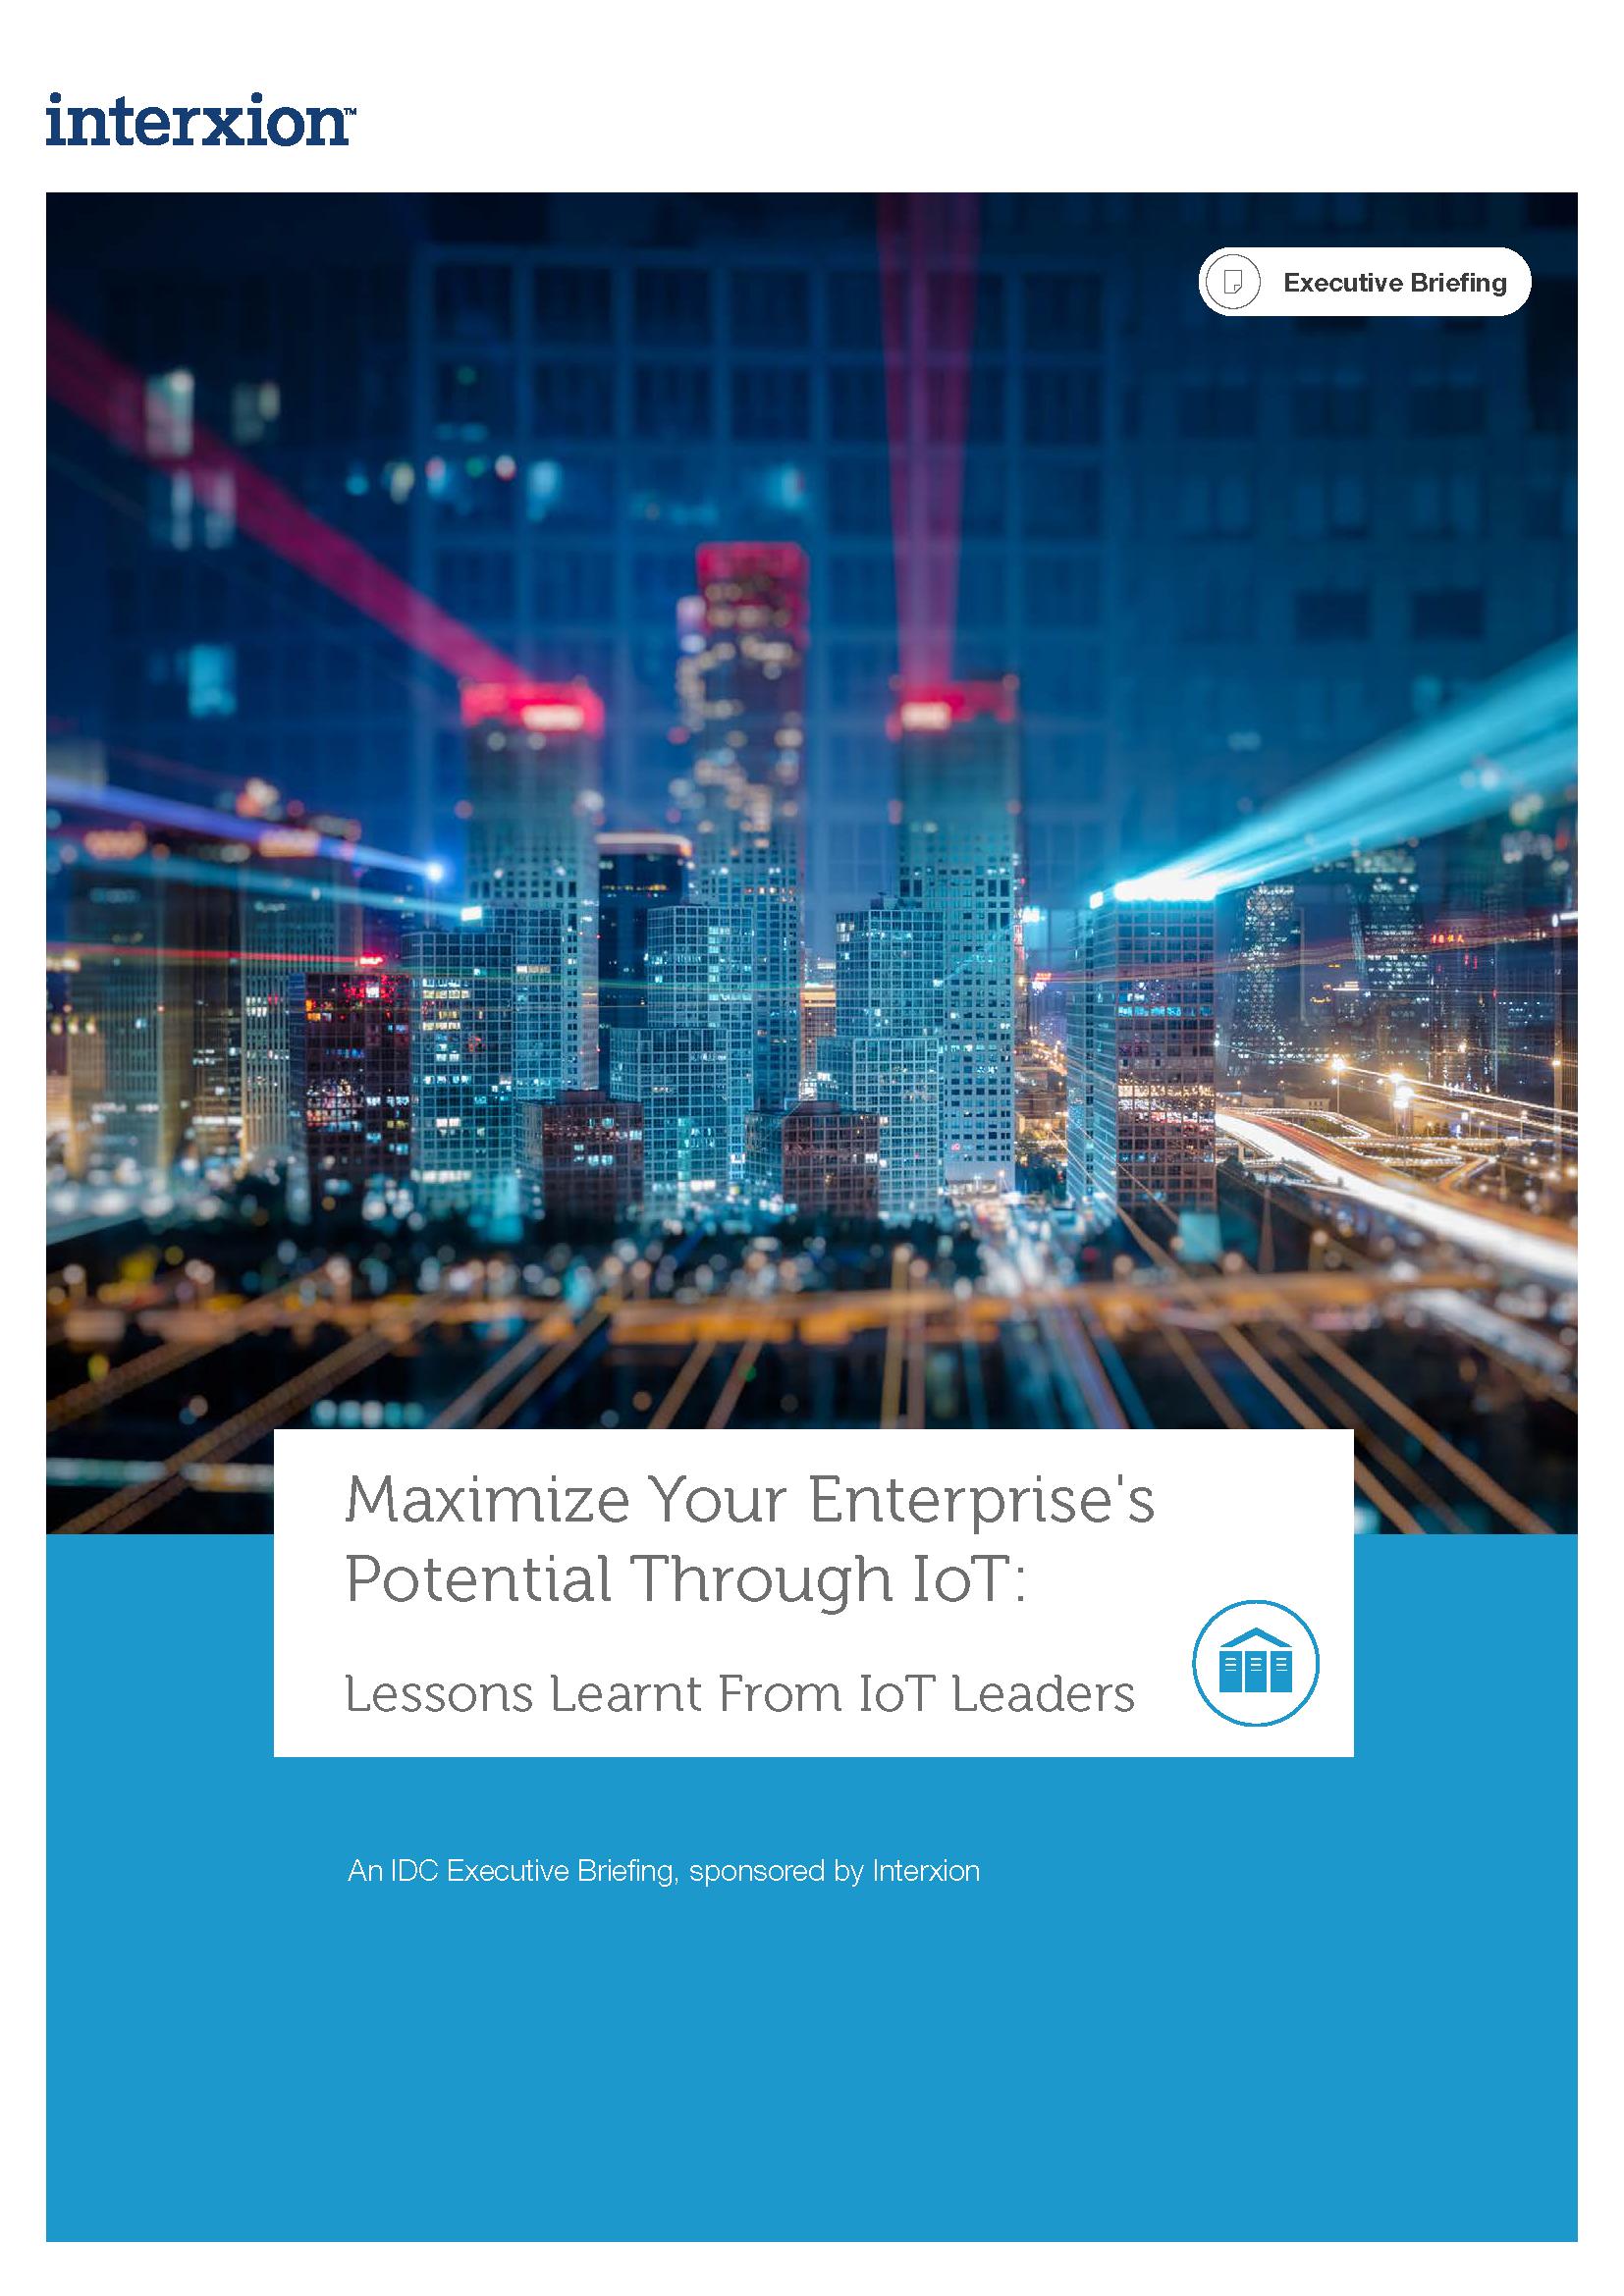 Maximieren Sie Das Potential Ihres Unternehmens Durch IOT - Download